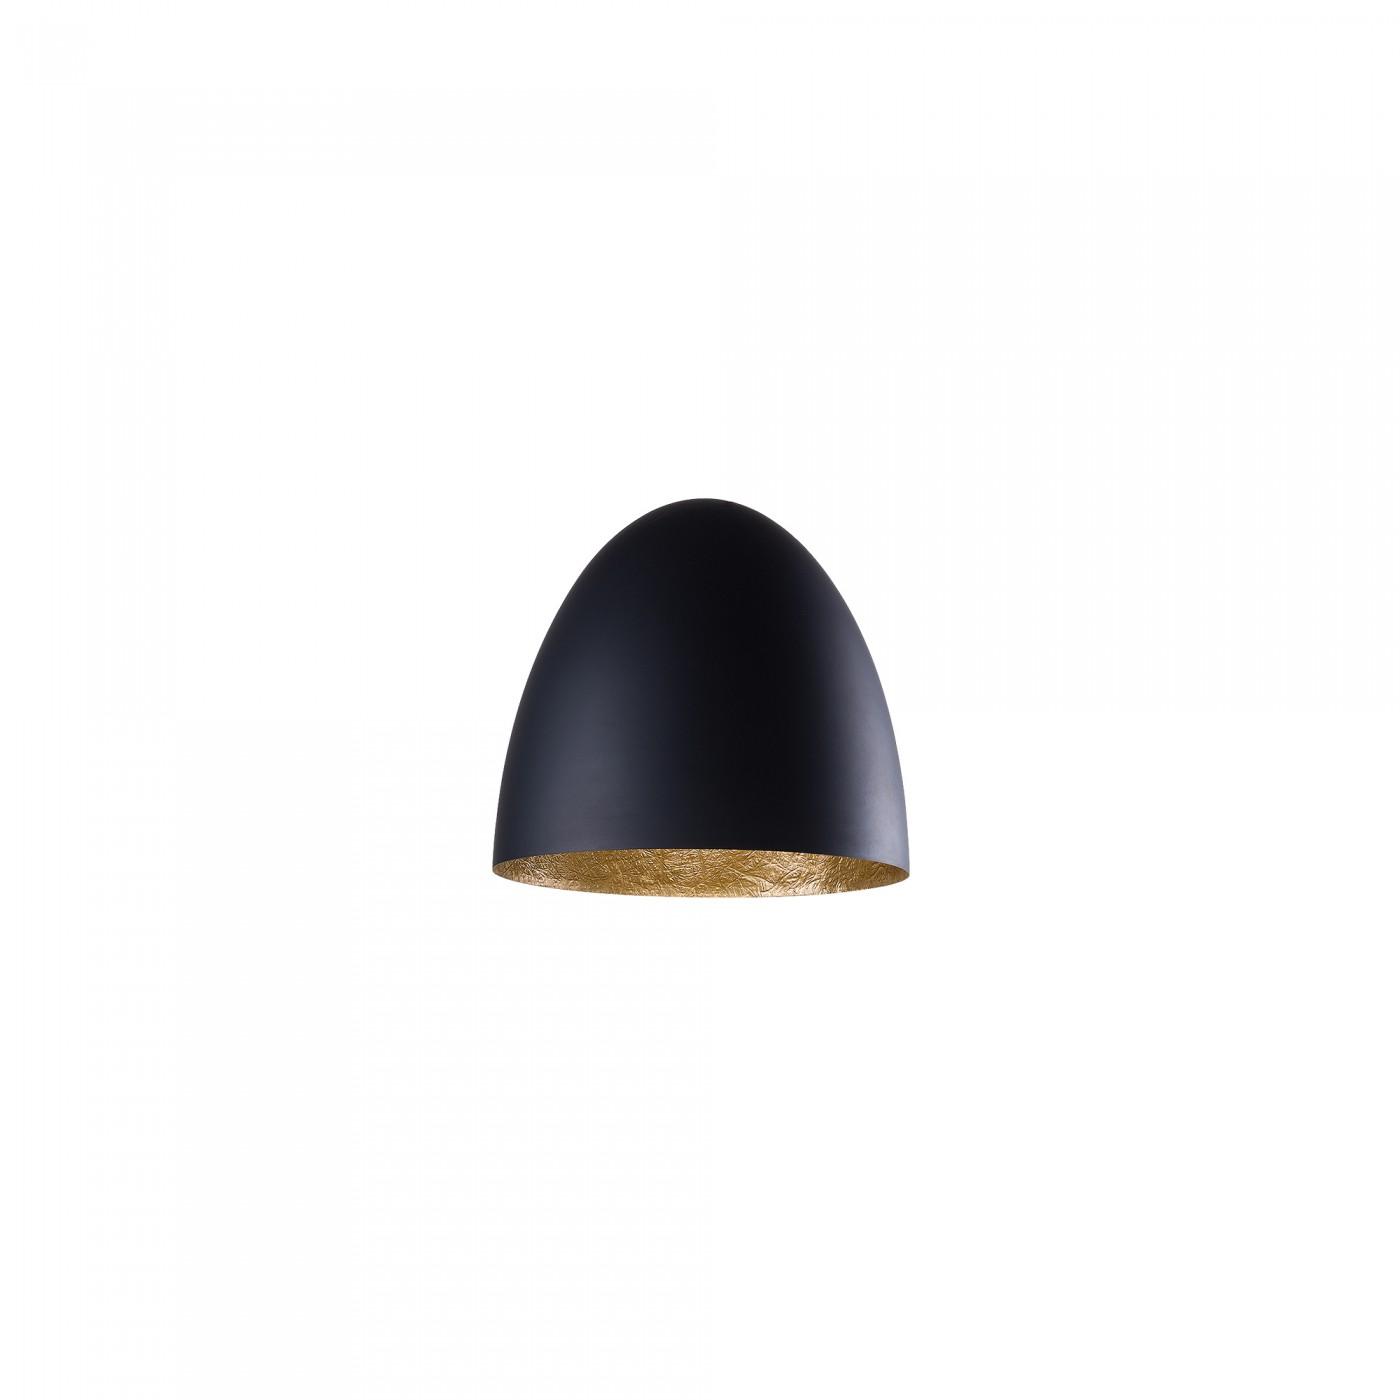 CAMELEON EGG M BL/G 8607 Nowodvorski Lighting